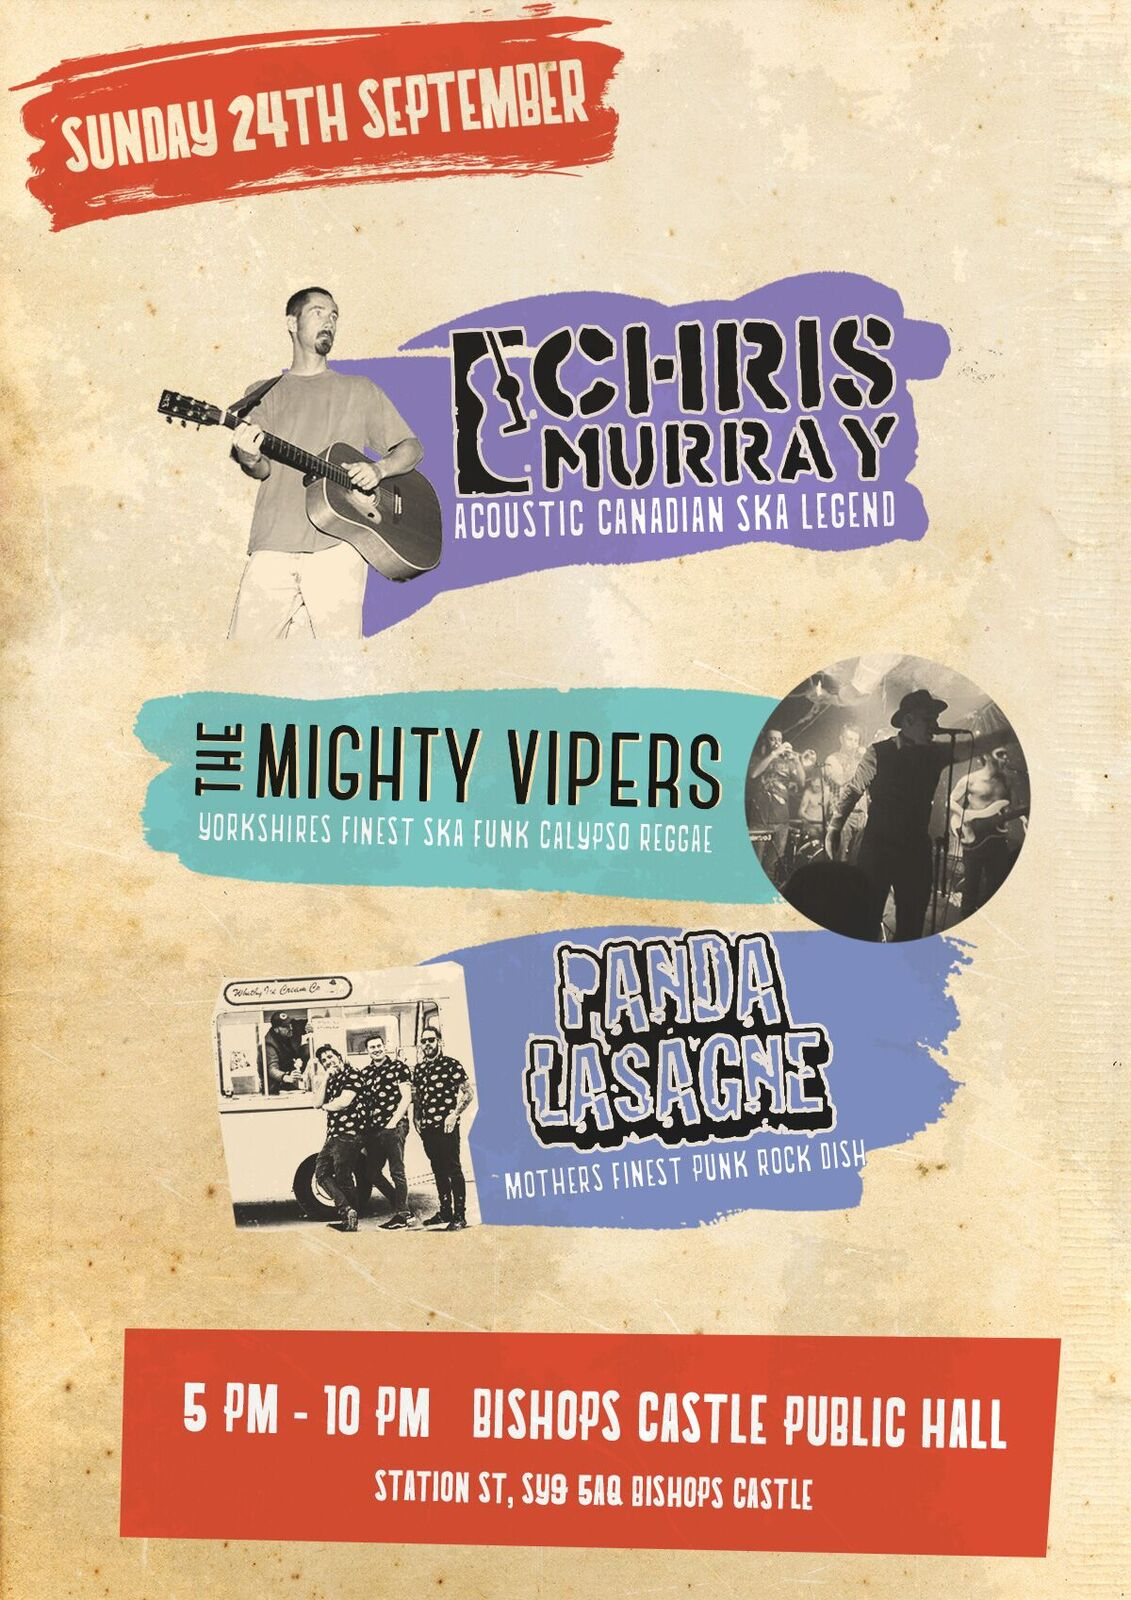 Chris Murray Show